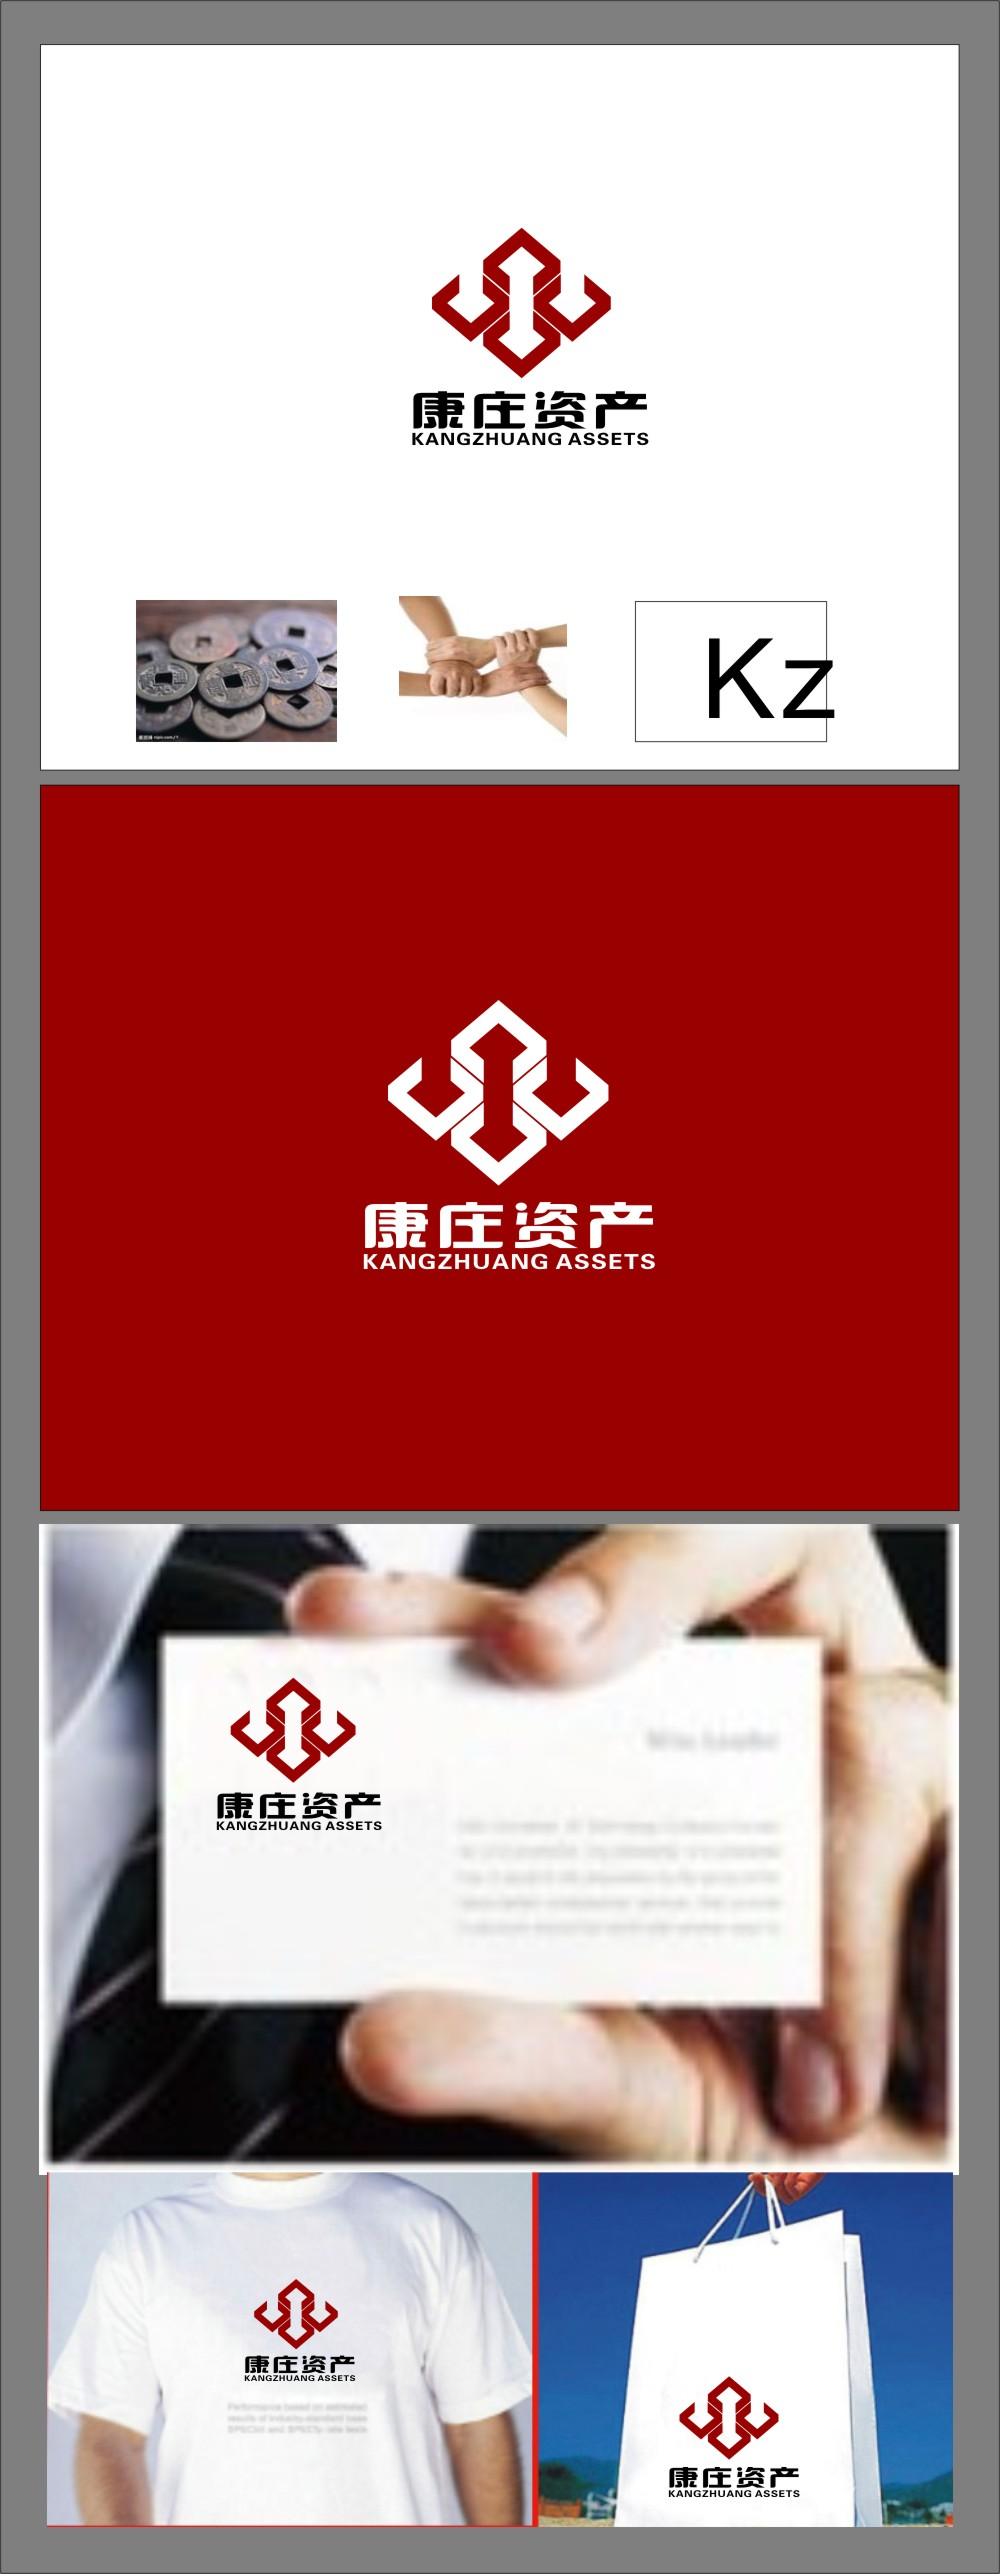 康庄资产管理公司标志设计logo及vi设计- 稿件[#2761362]